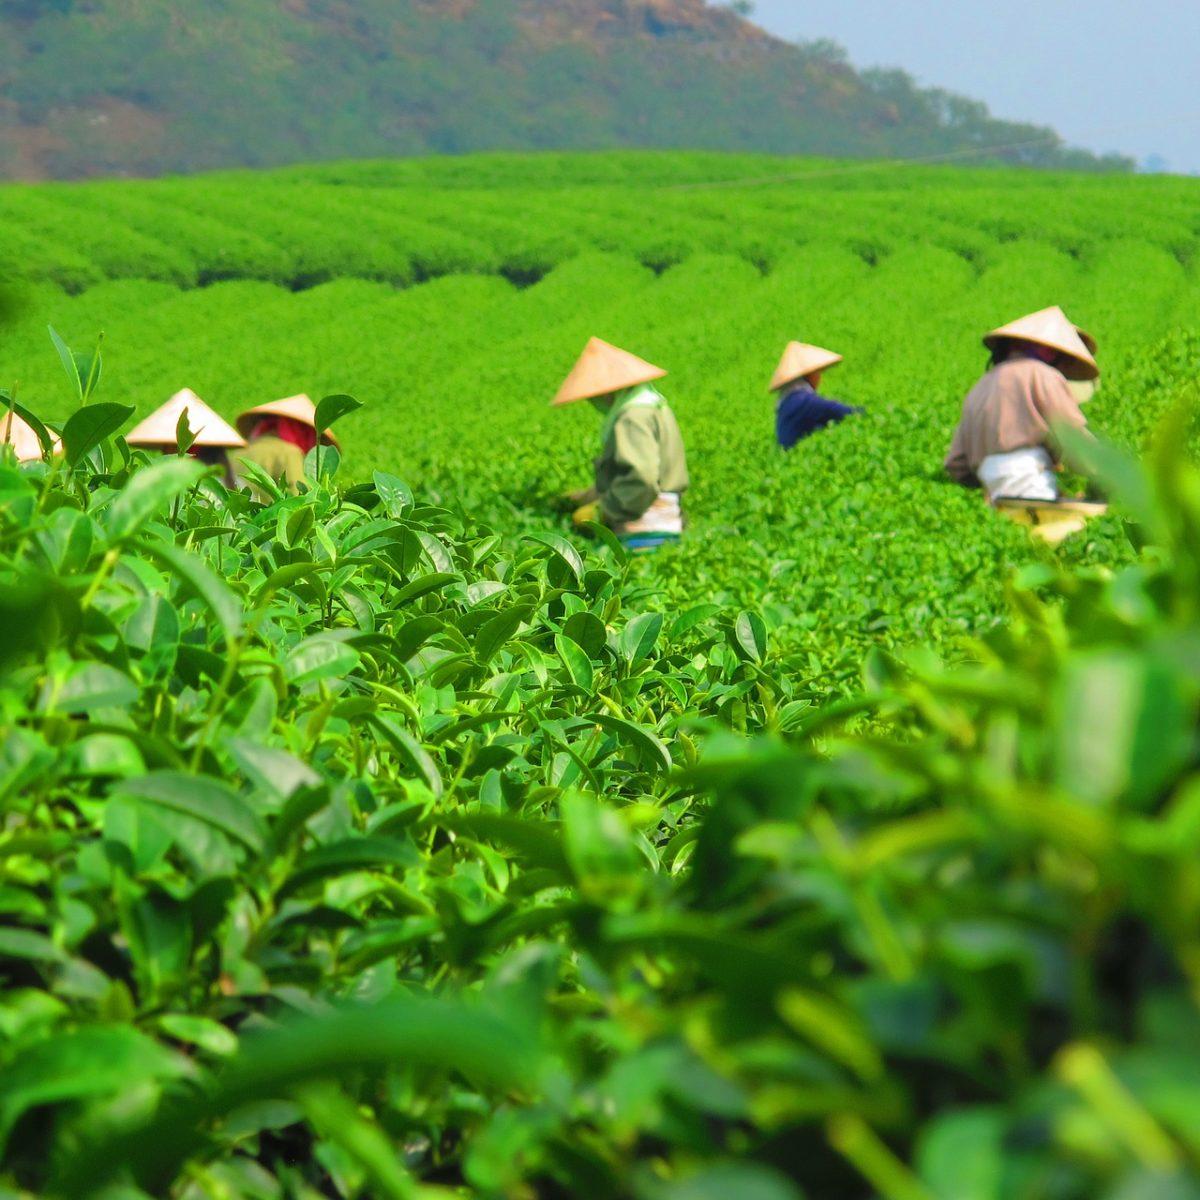 Olejek herbaciany – pochodzenie i właściwości